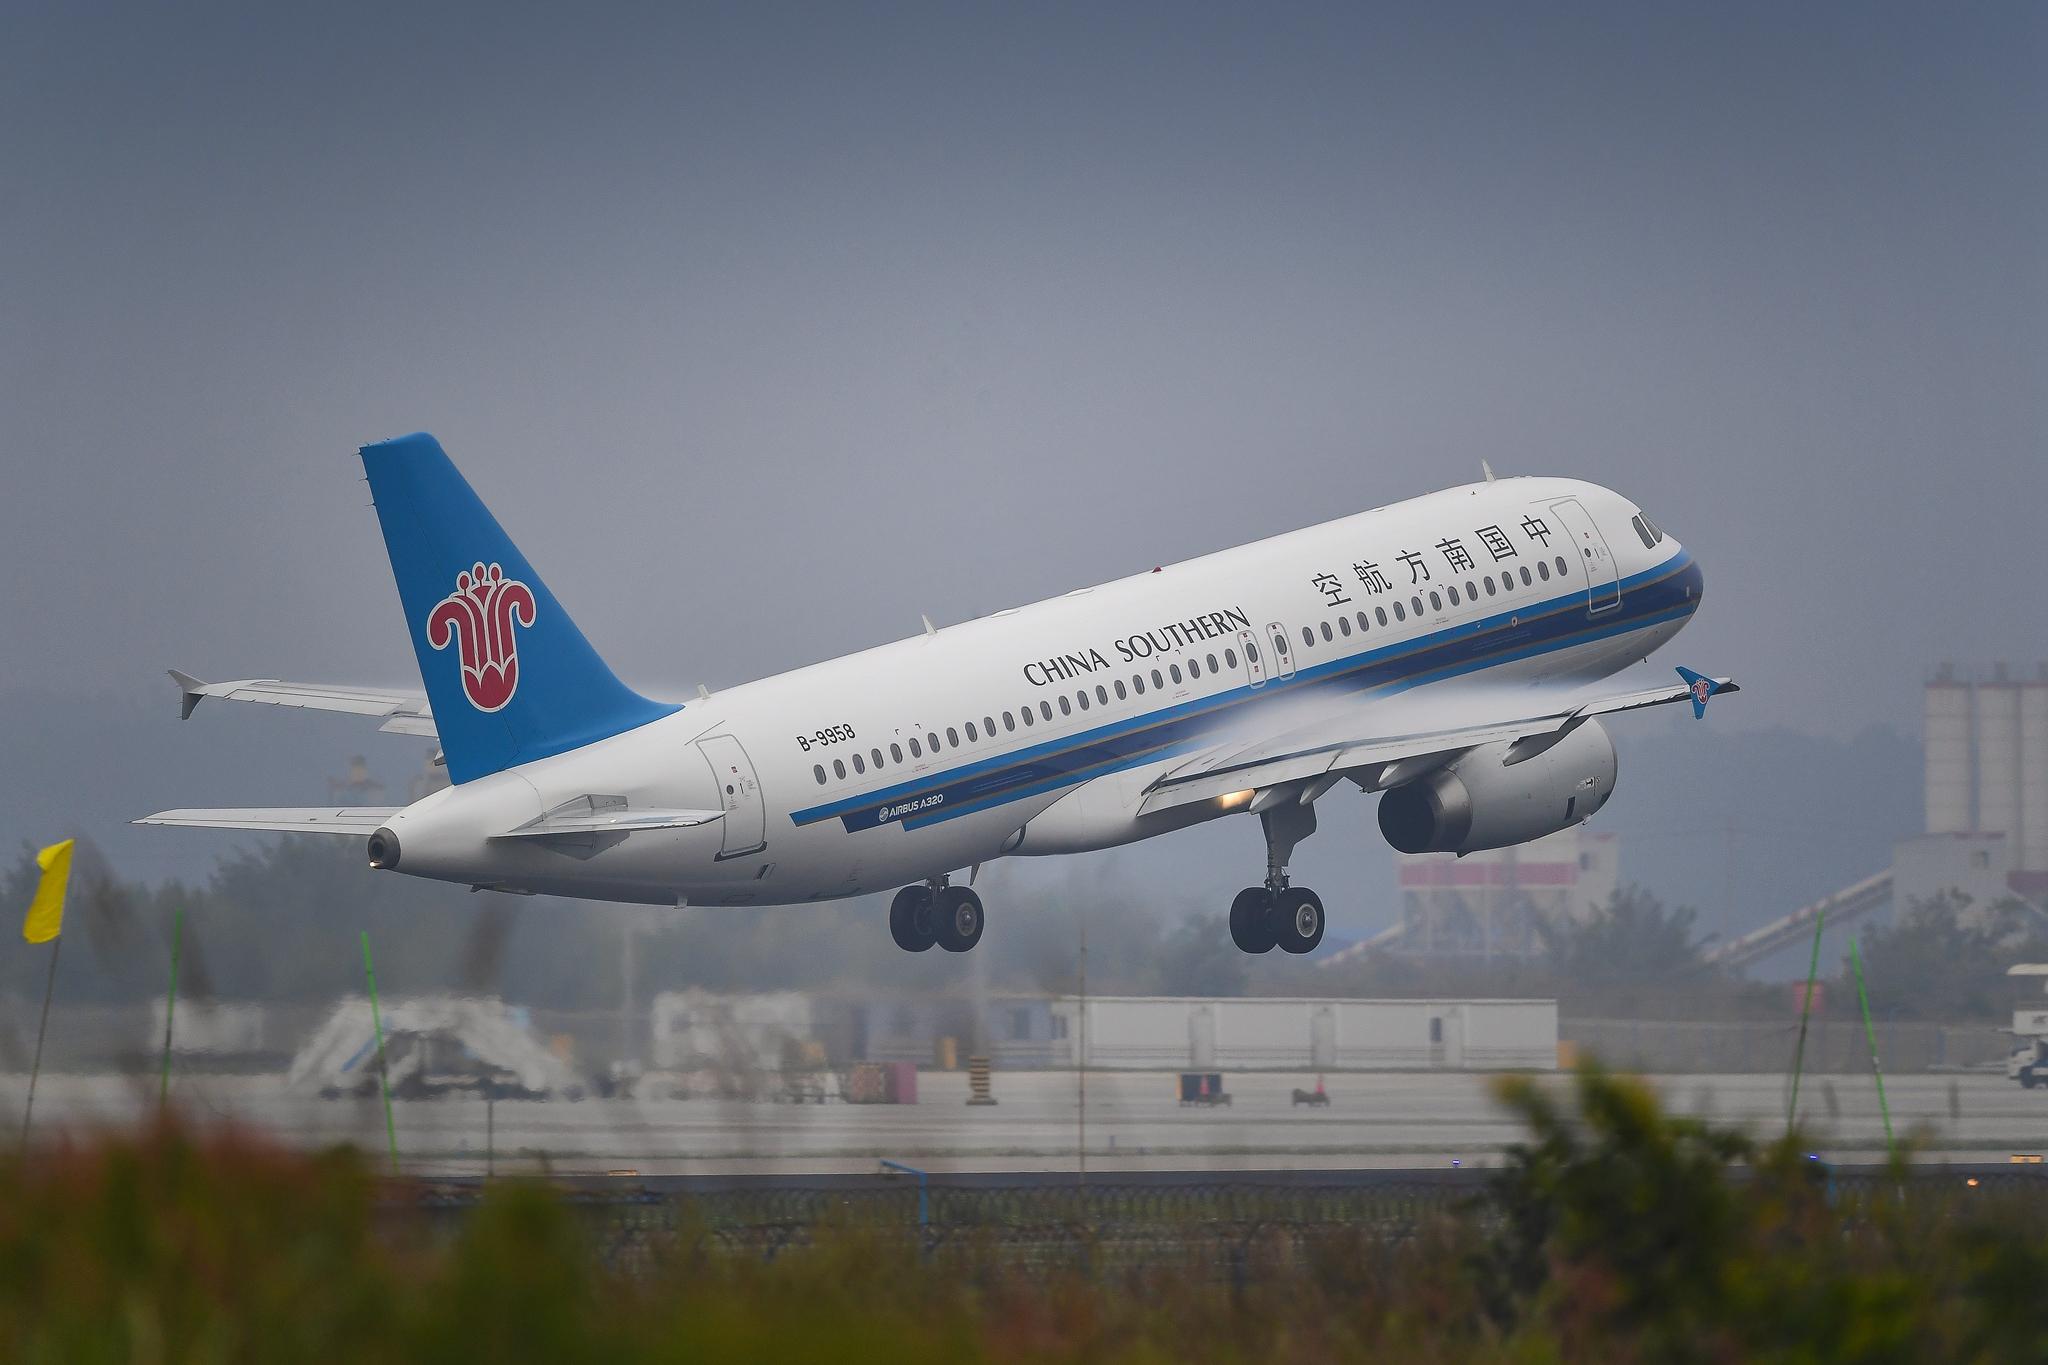 Re:[原创]【KMG】风雨潇潇 有你就好 AIRBUS A320-200 B-9958 中国昆明长水国际机场